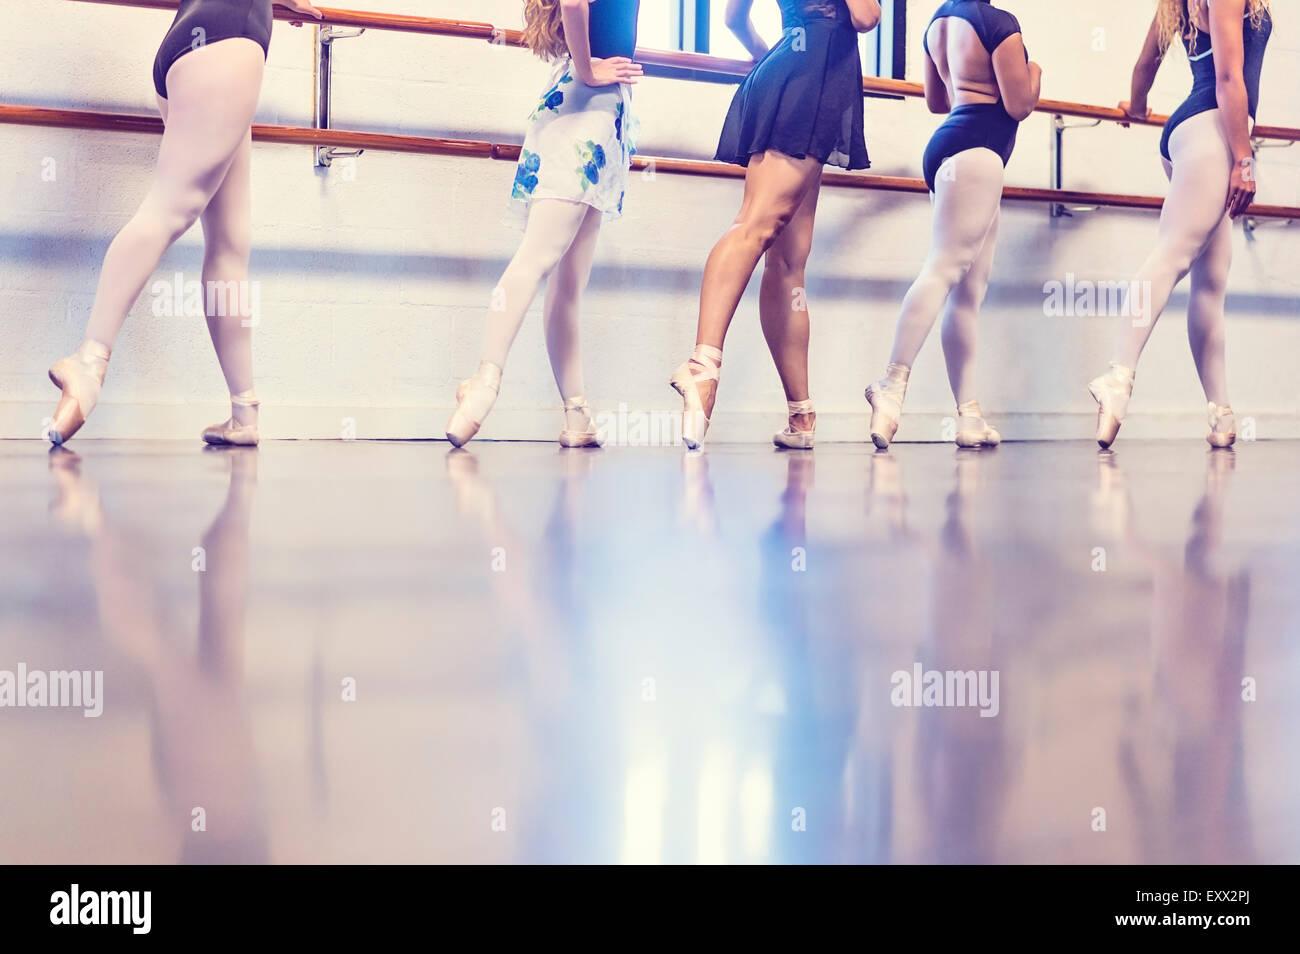 Las mujeres jóvenes bailando en dance studio Foto de stock